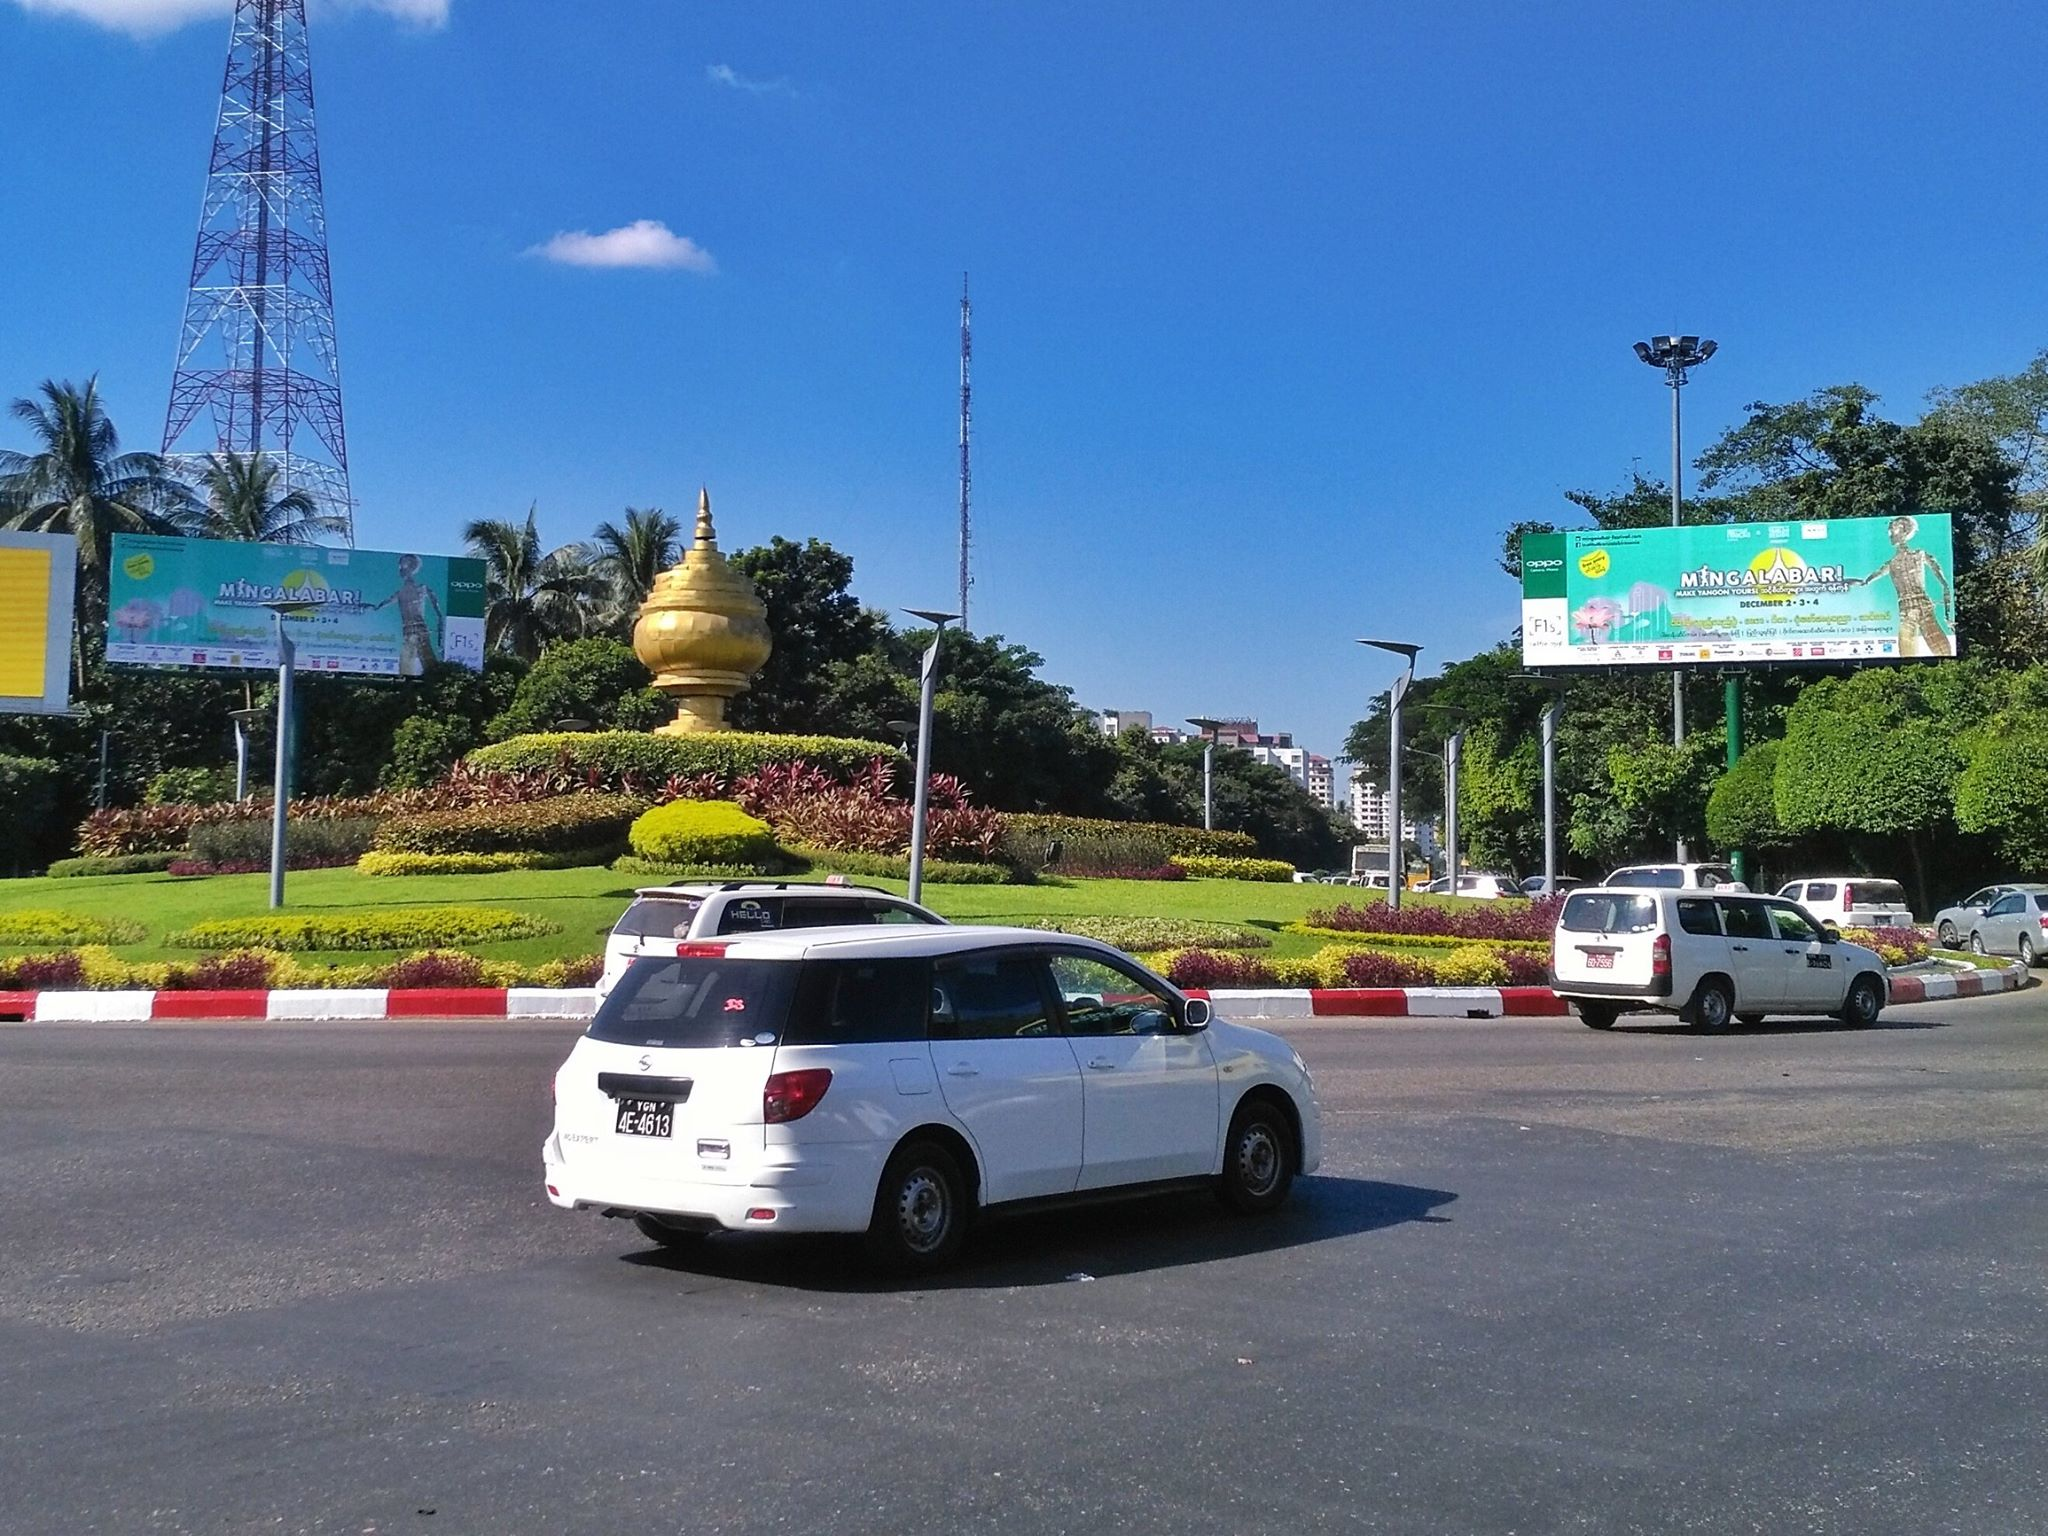 Onze gigantische billboards hingen door de hele stad heen